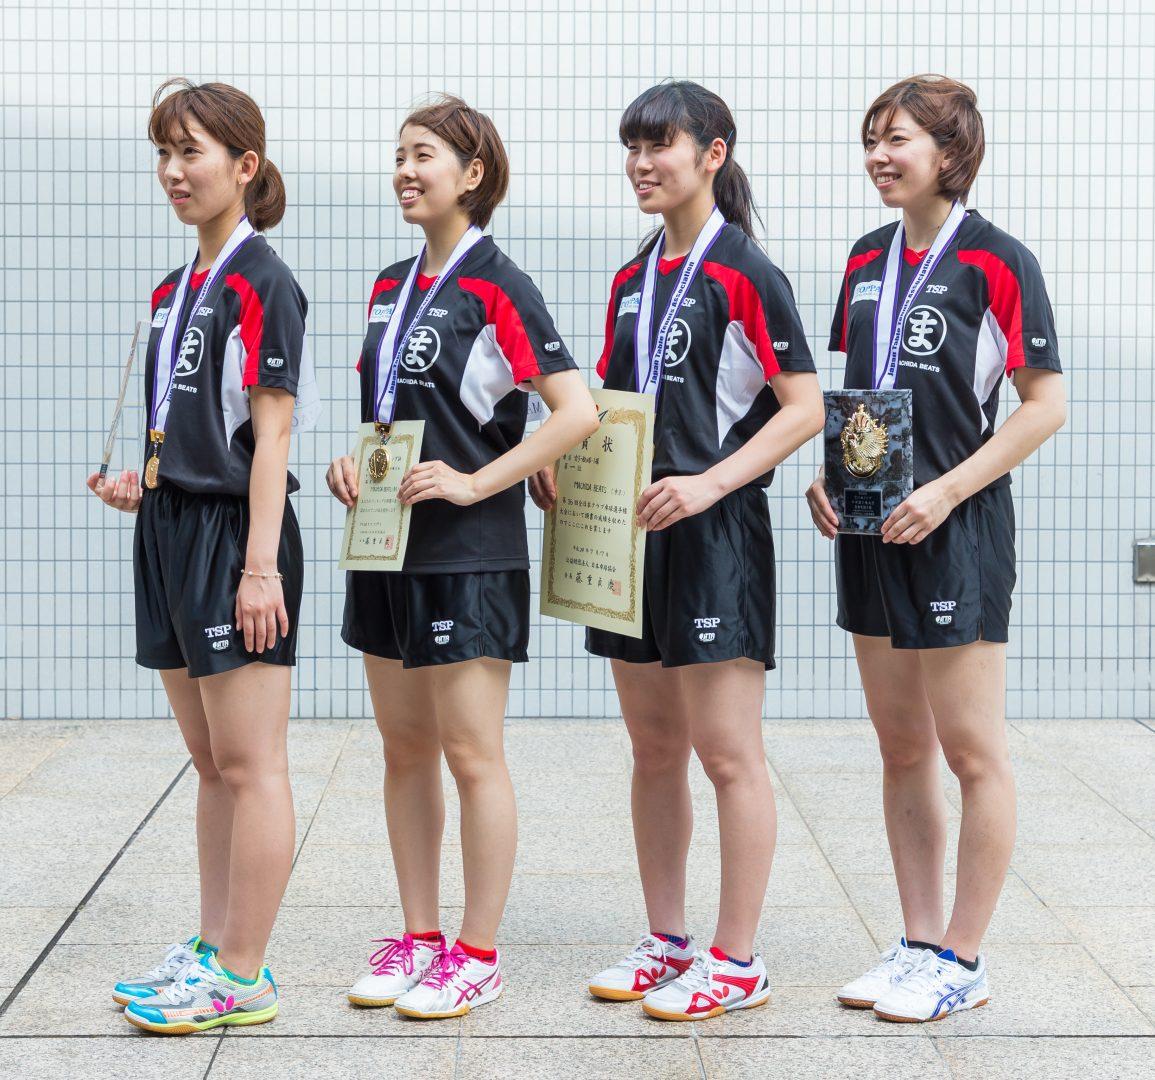 日本リーグスポット参戦 卓球クラブ日本一のMACHIDA BEATSが公式サイトを公開